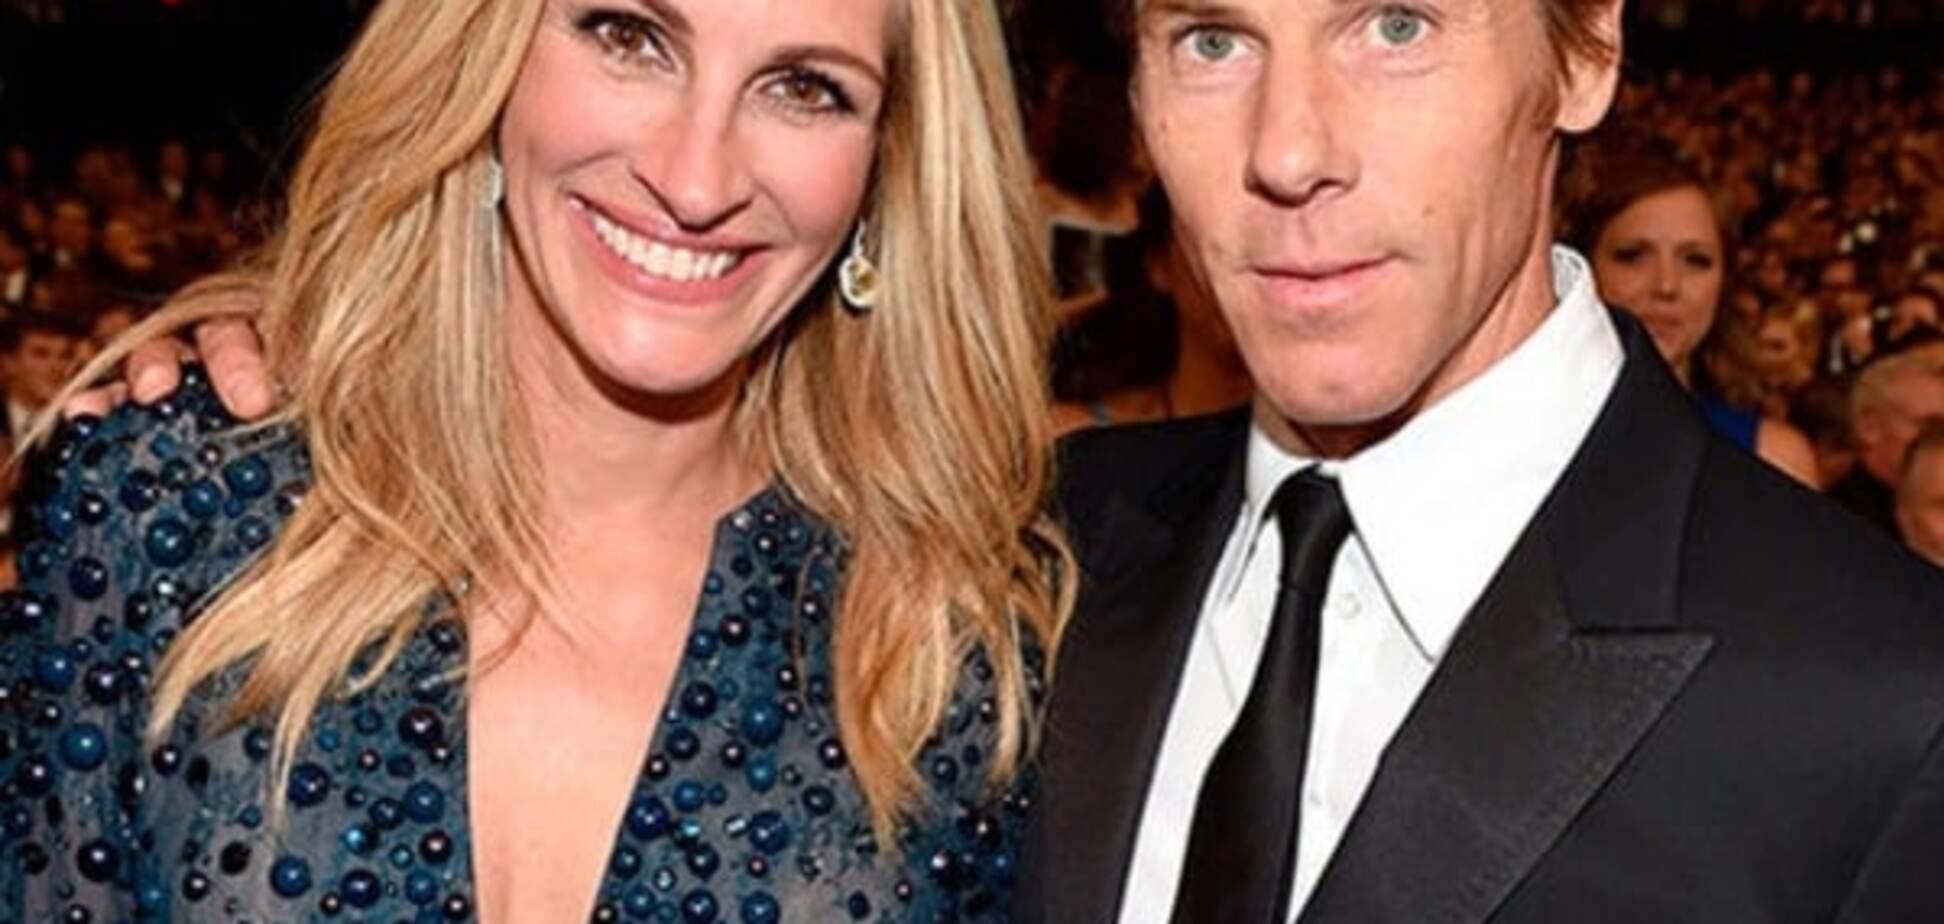 Джулія Робертс розлучилася з чоловіком після 14 років шлюбу